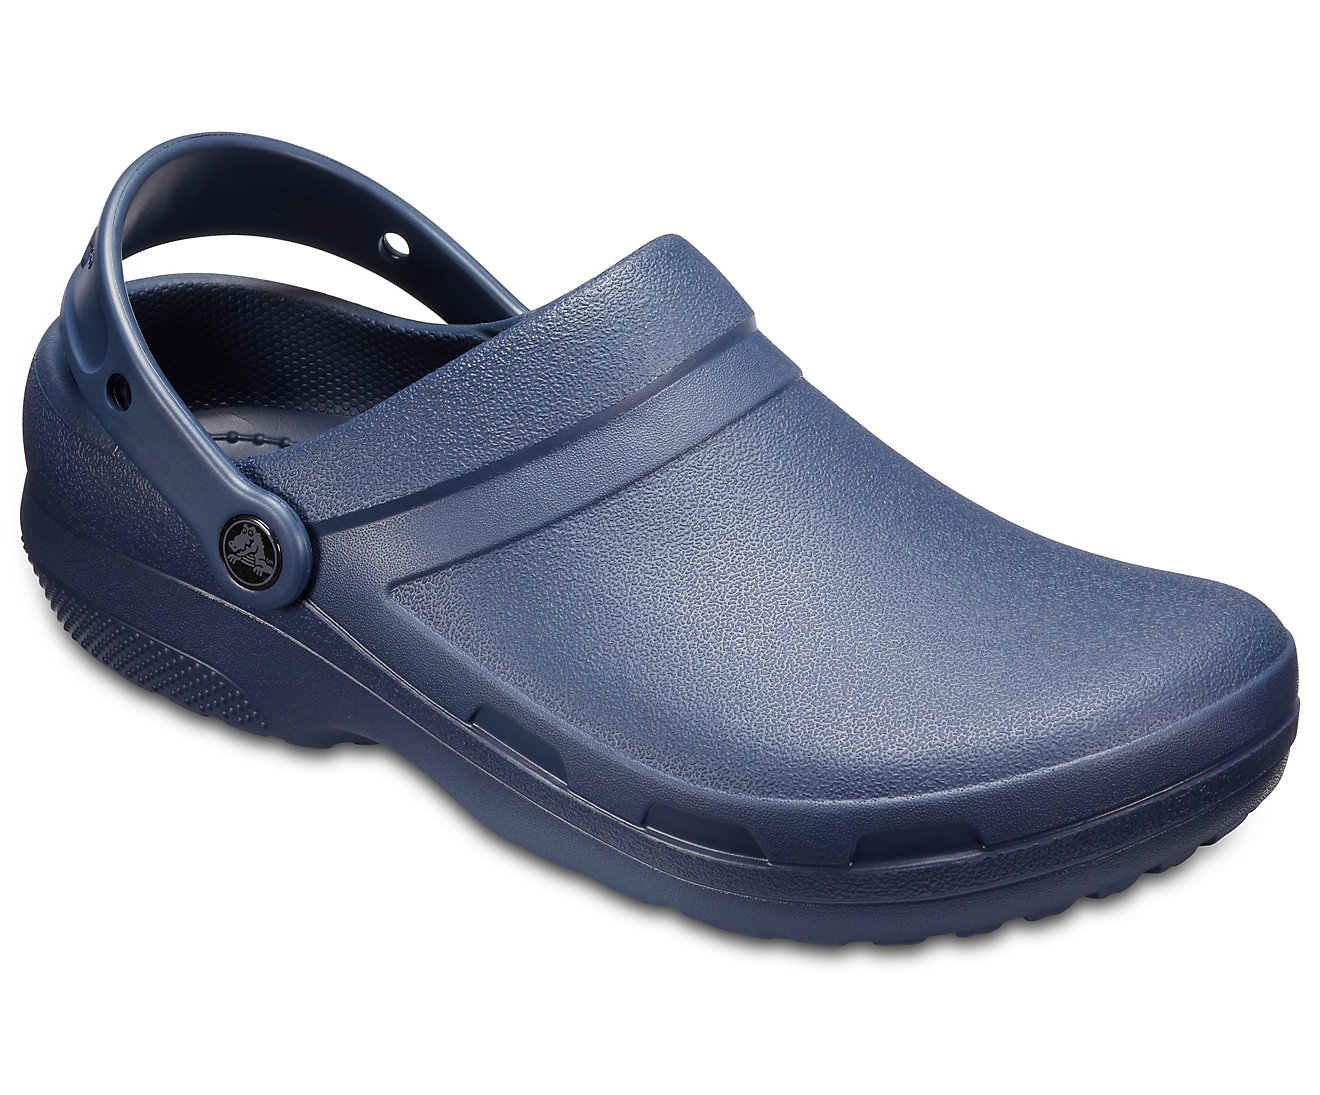 Crocs Specialist II Clog 204590 Navy Μπλε σκούρο